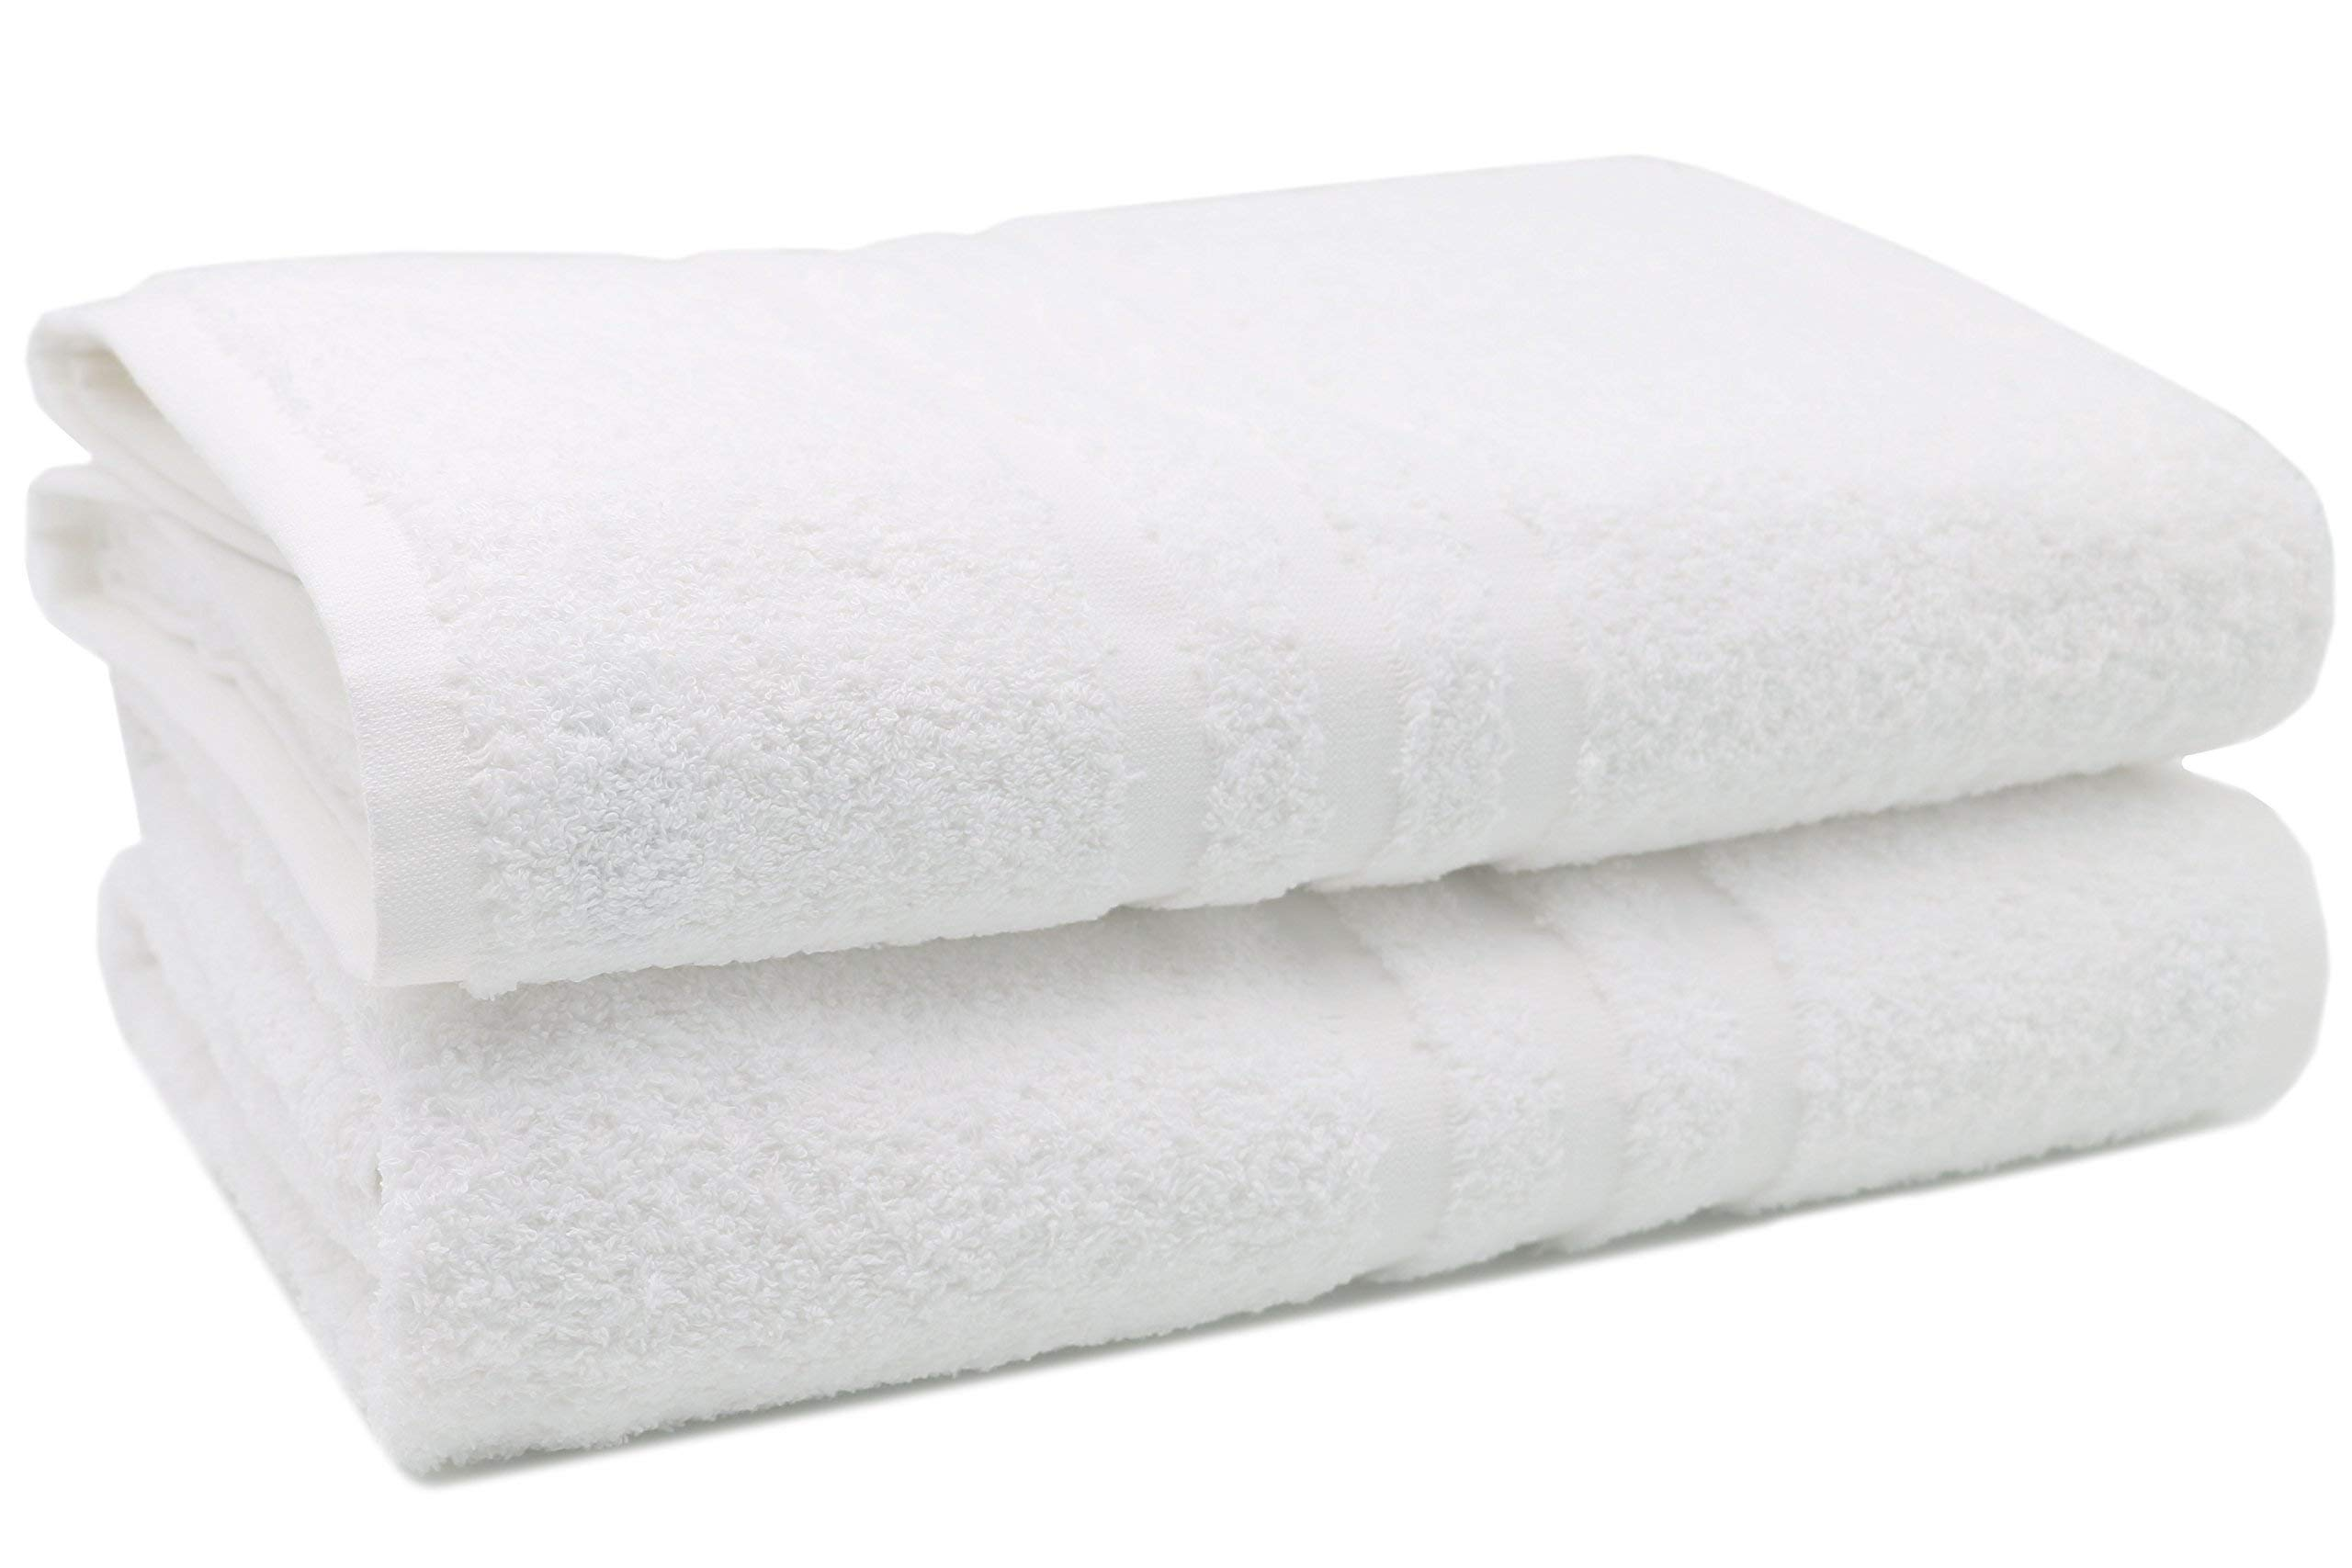 ZOLLNER 2 Toallas de baño Grandes Blancas, 100x150 cm product image